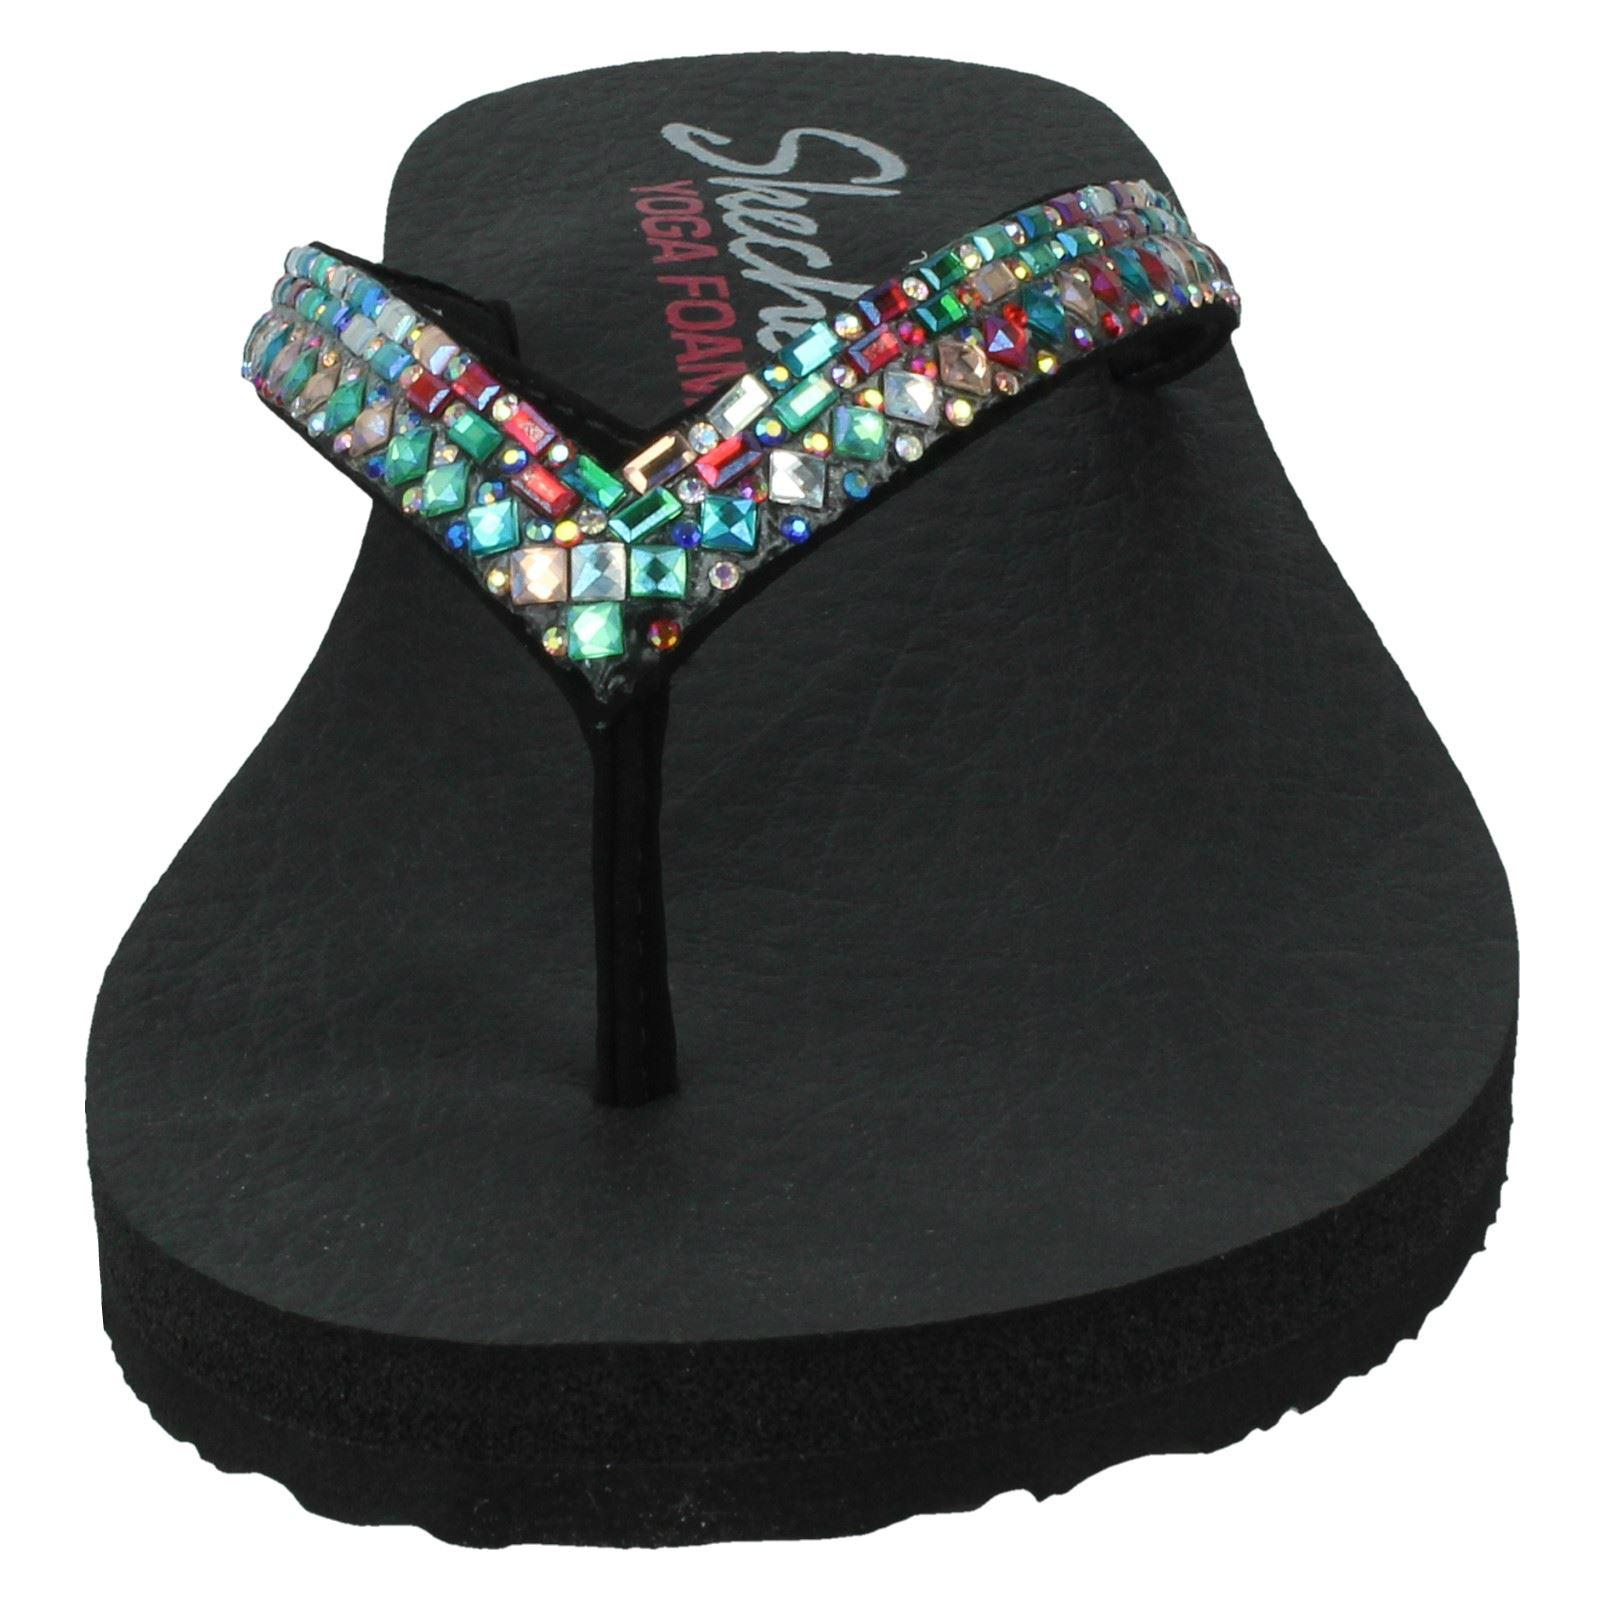 Damen Skechers Yoga Foam Slipper Synthetik Komfort Sandalen